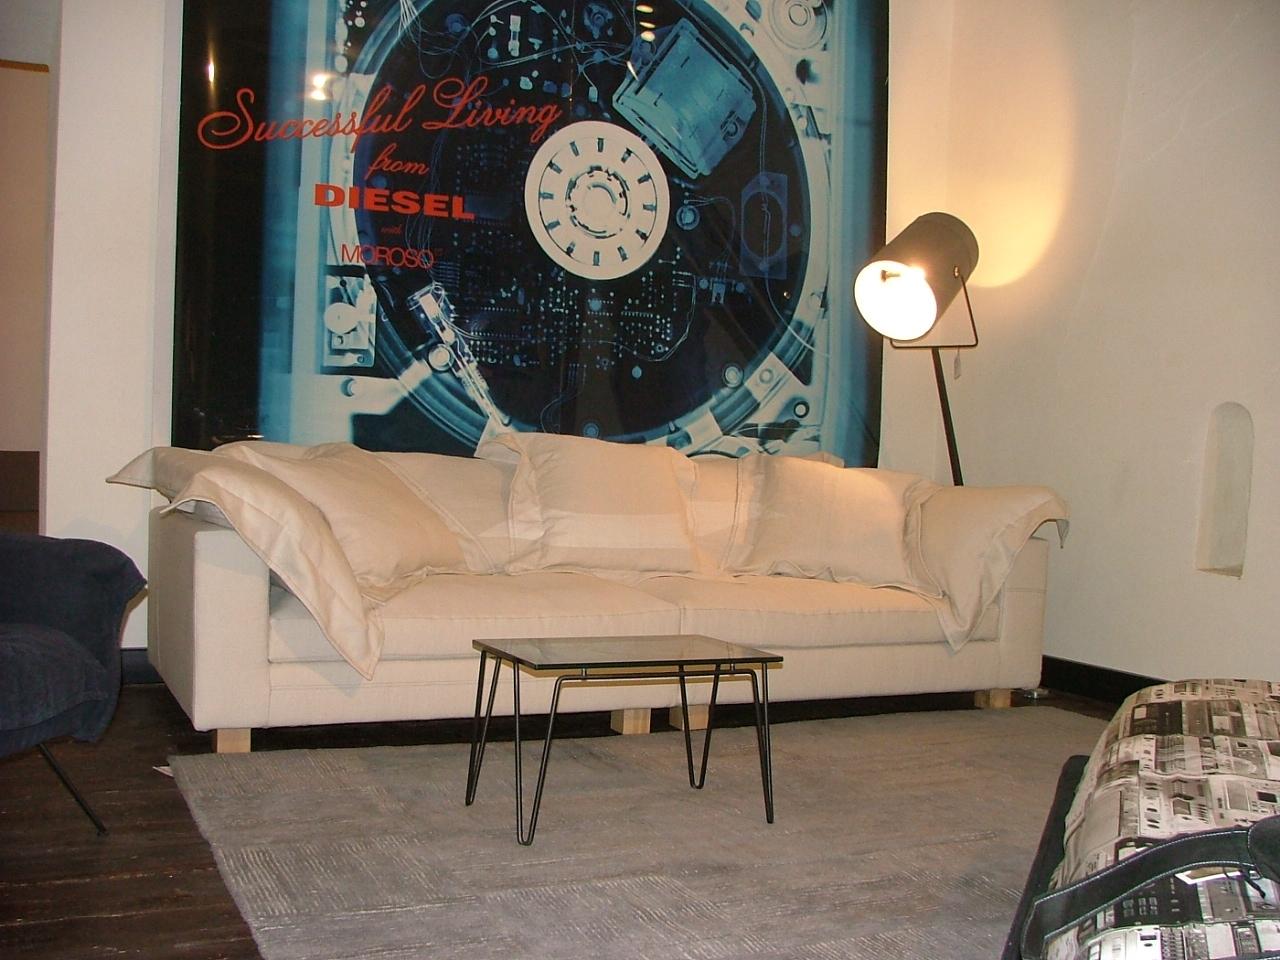 Divano moroso nebula nine sofa collezione diesel scontato for Poltrone moroso prezzi